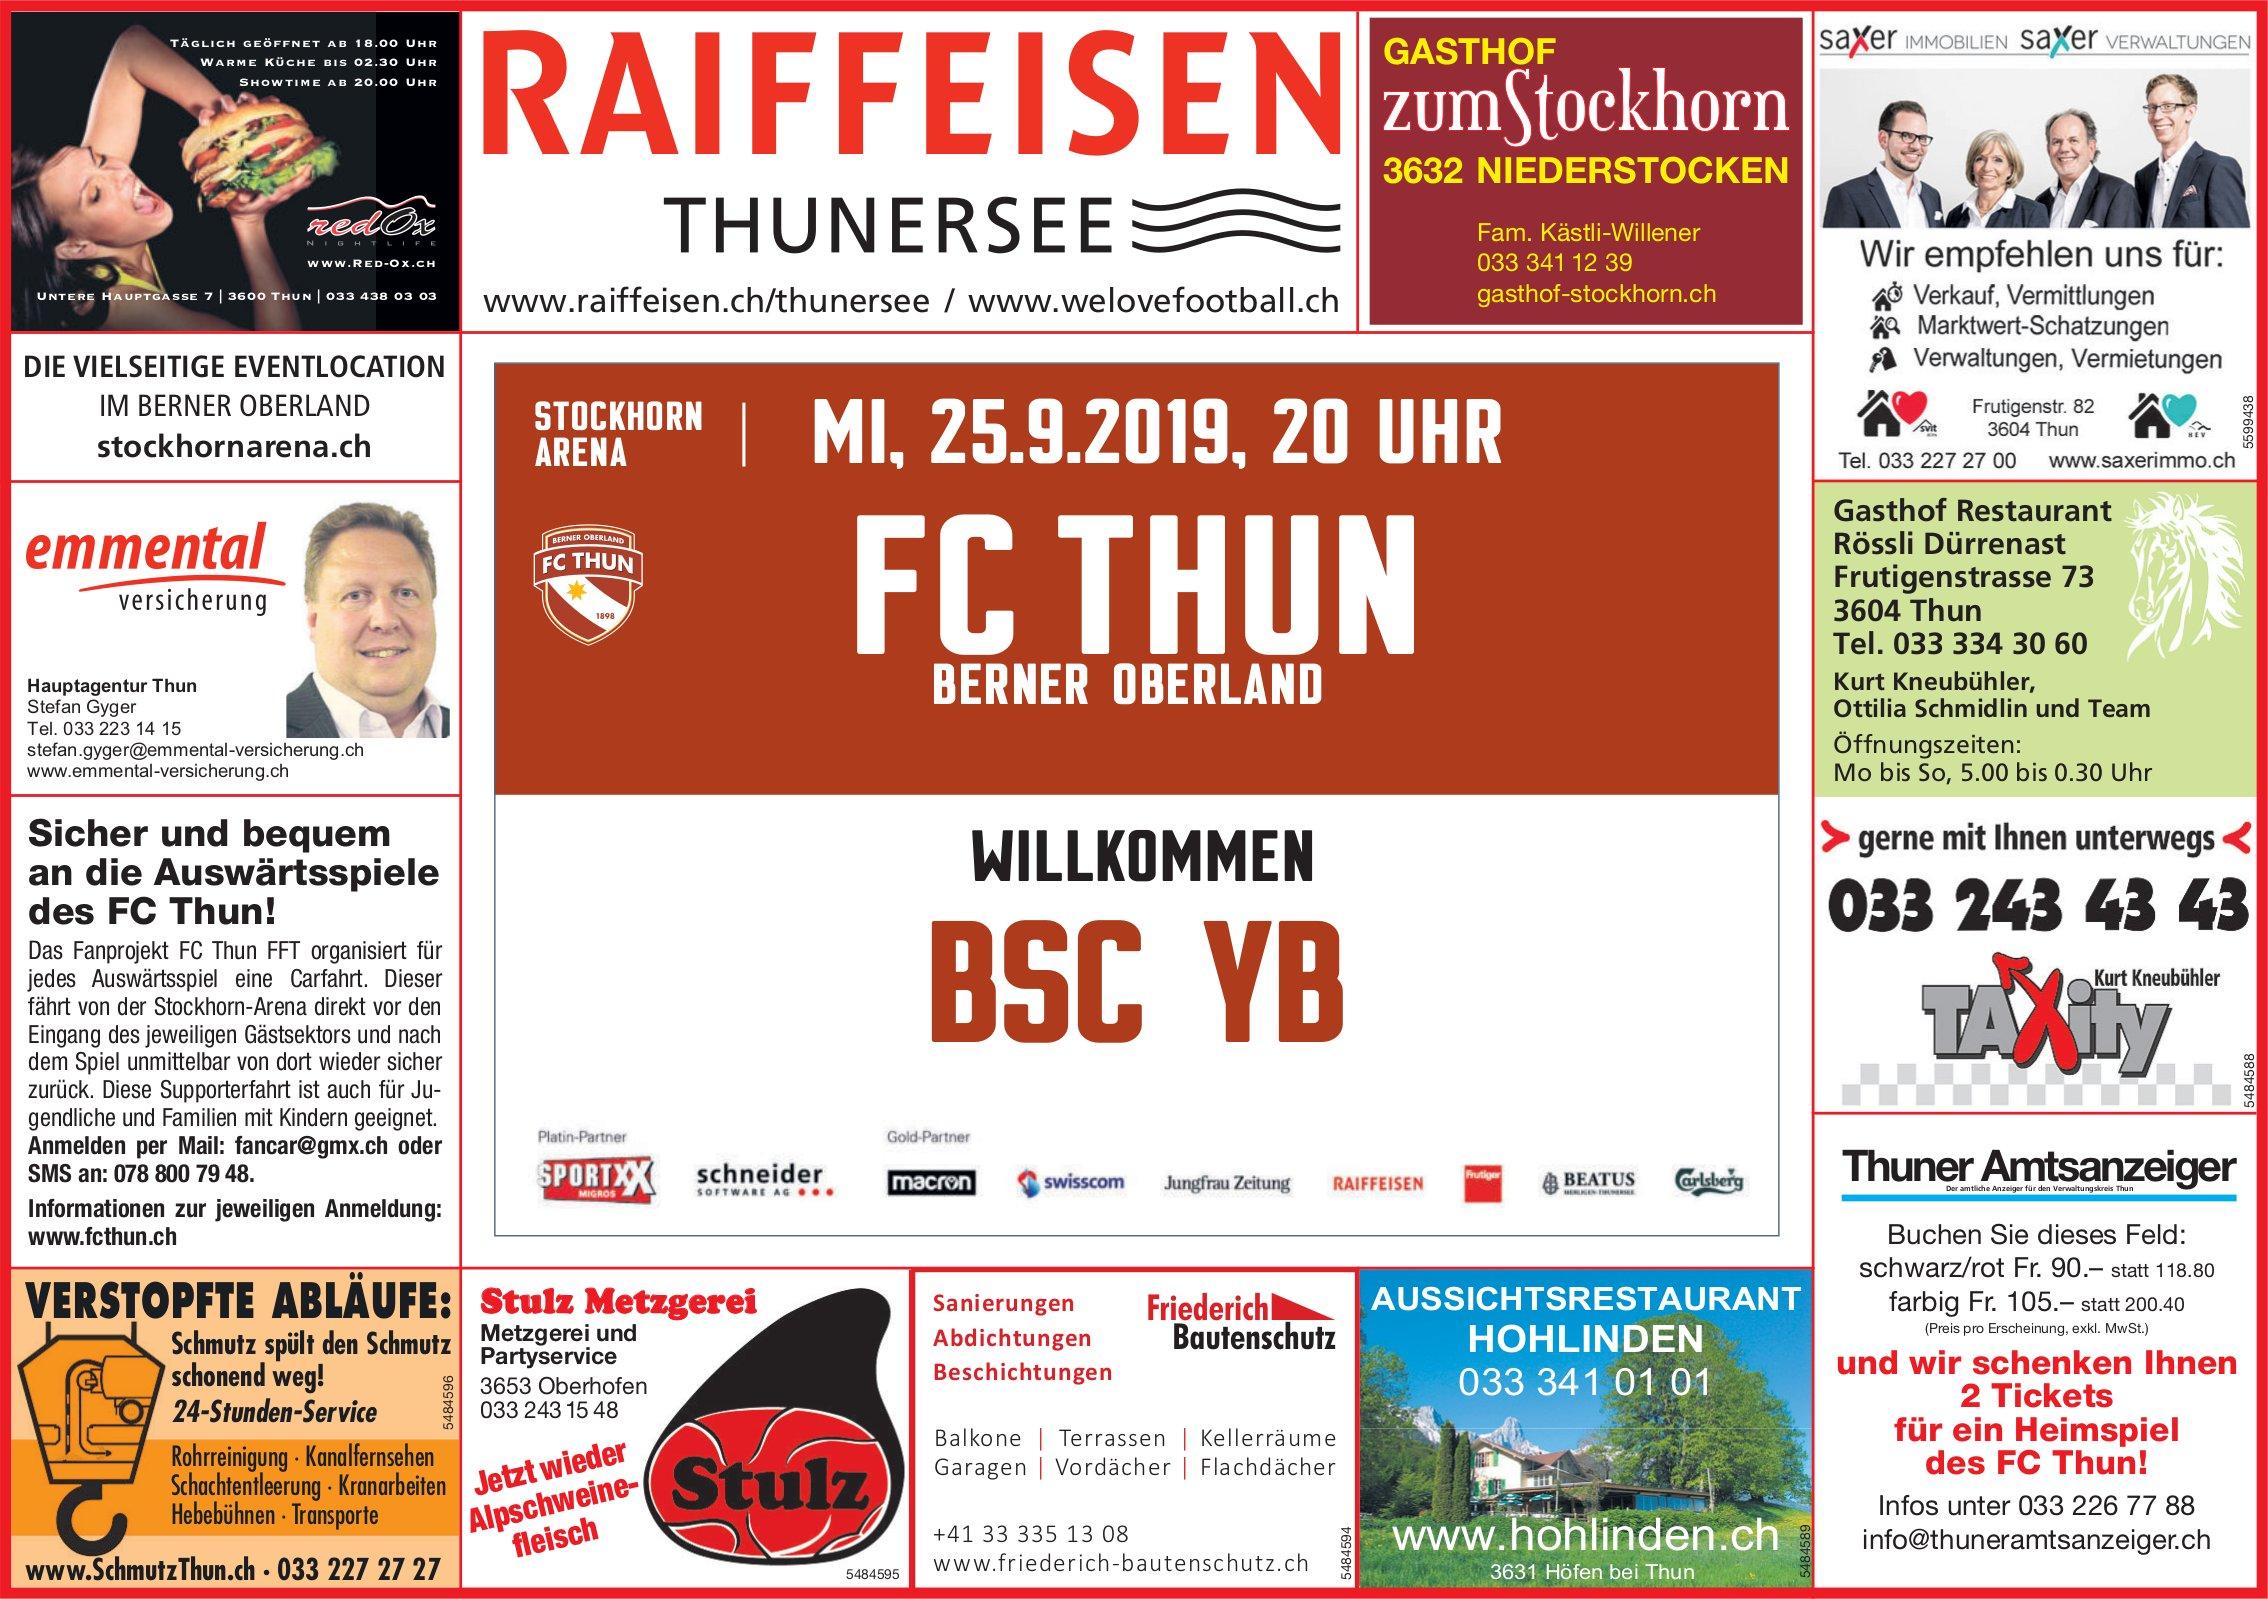 FC THUN BERNER OBERLAND WILLKOMMEN BSC YB AM 25. SEPT.